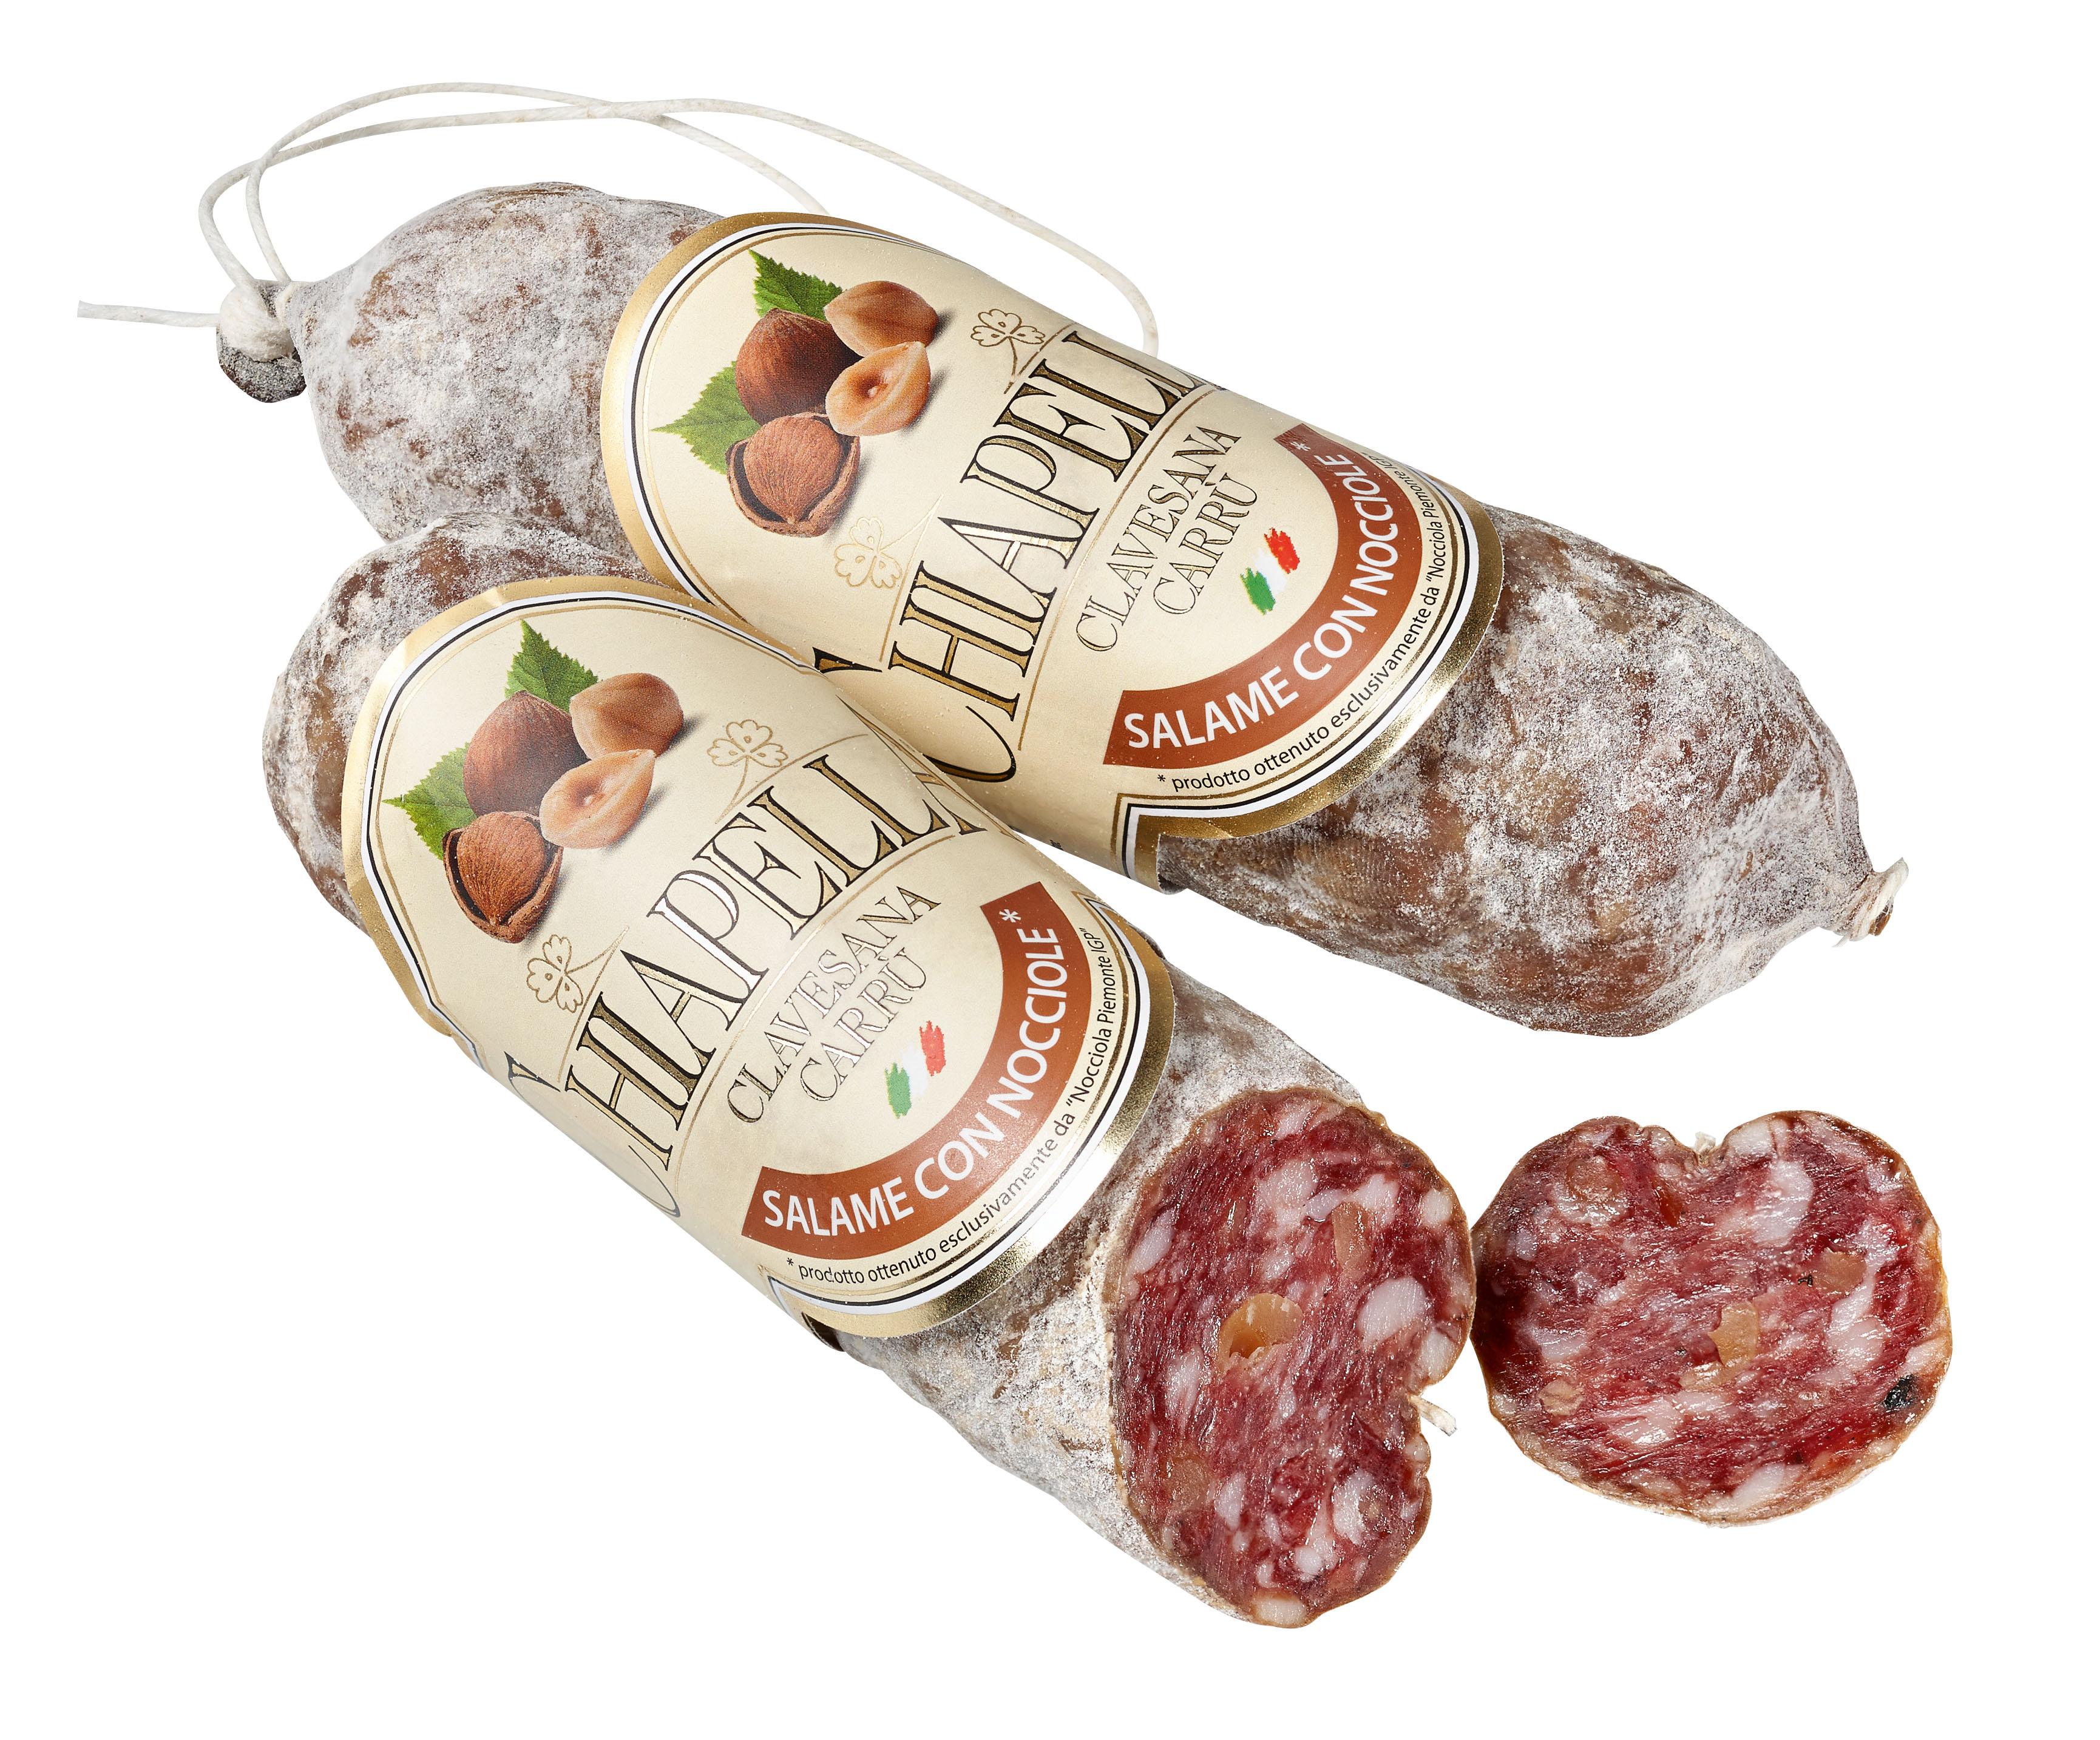 Salame con Nocciola Piemonte  ca. 200 g Chiapella  ( Kühlartikel)